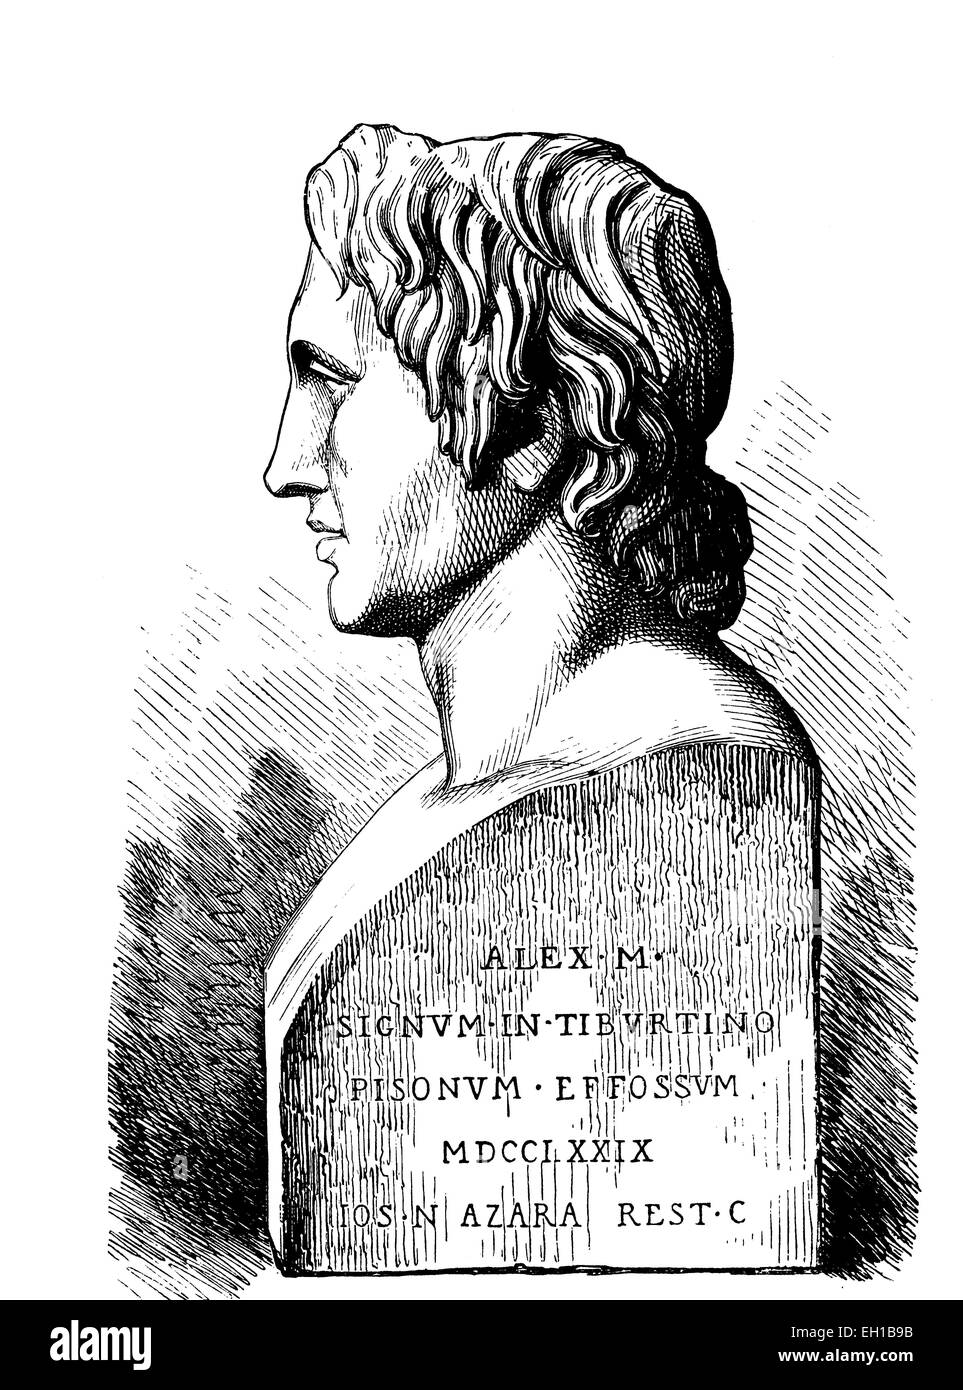 Alexander der Grosse, Alexander III. von Makedonien, 356 v.Chr.-323 v.Chr., Koenig von Makedonien und Hegemon des - Stock Image